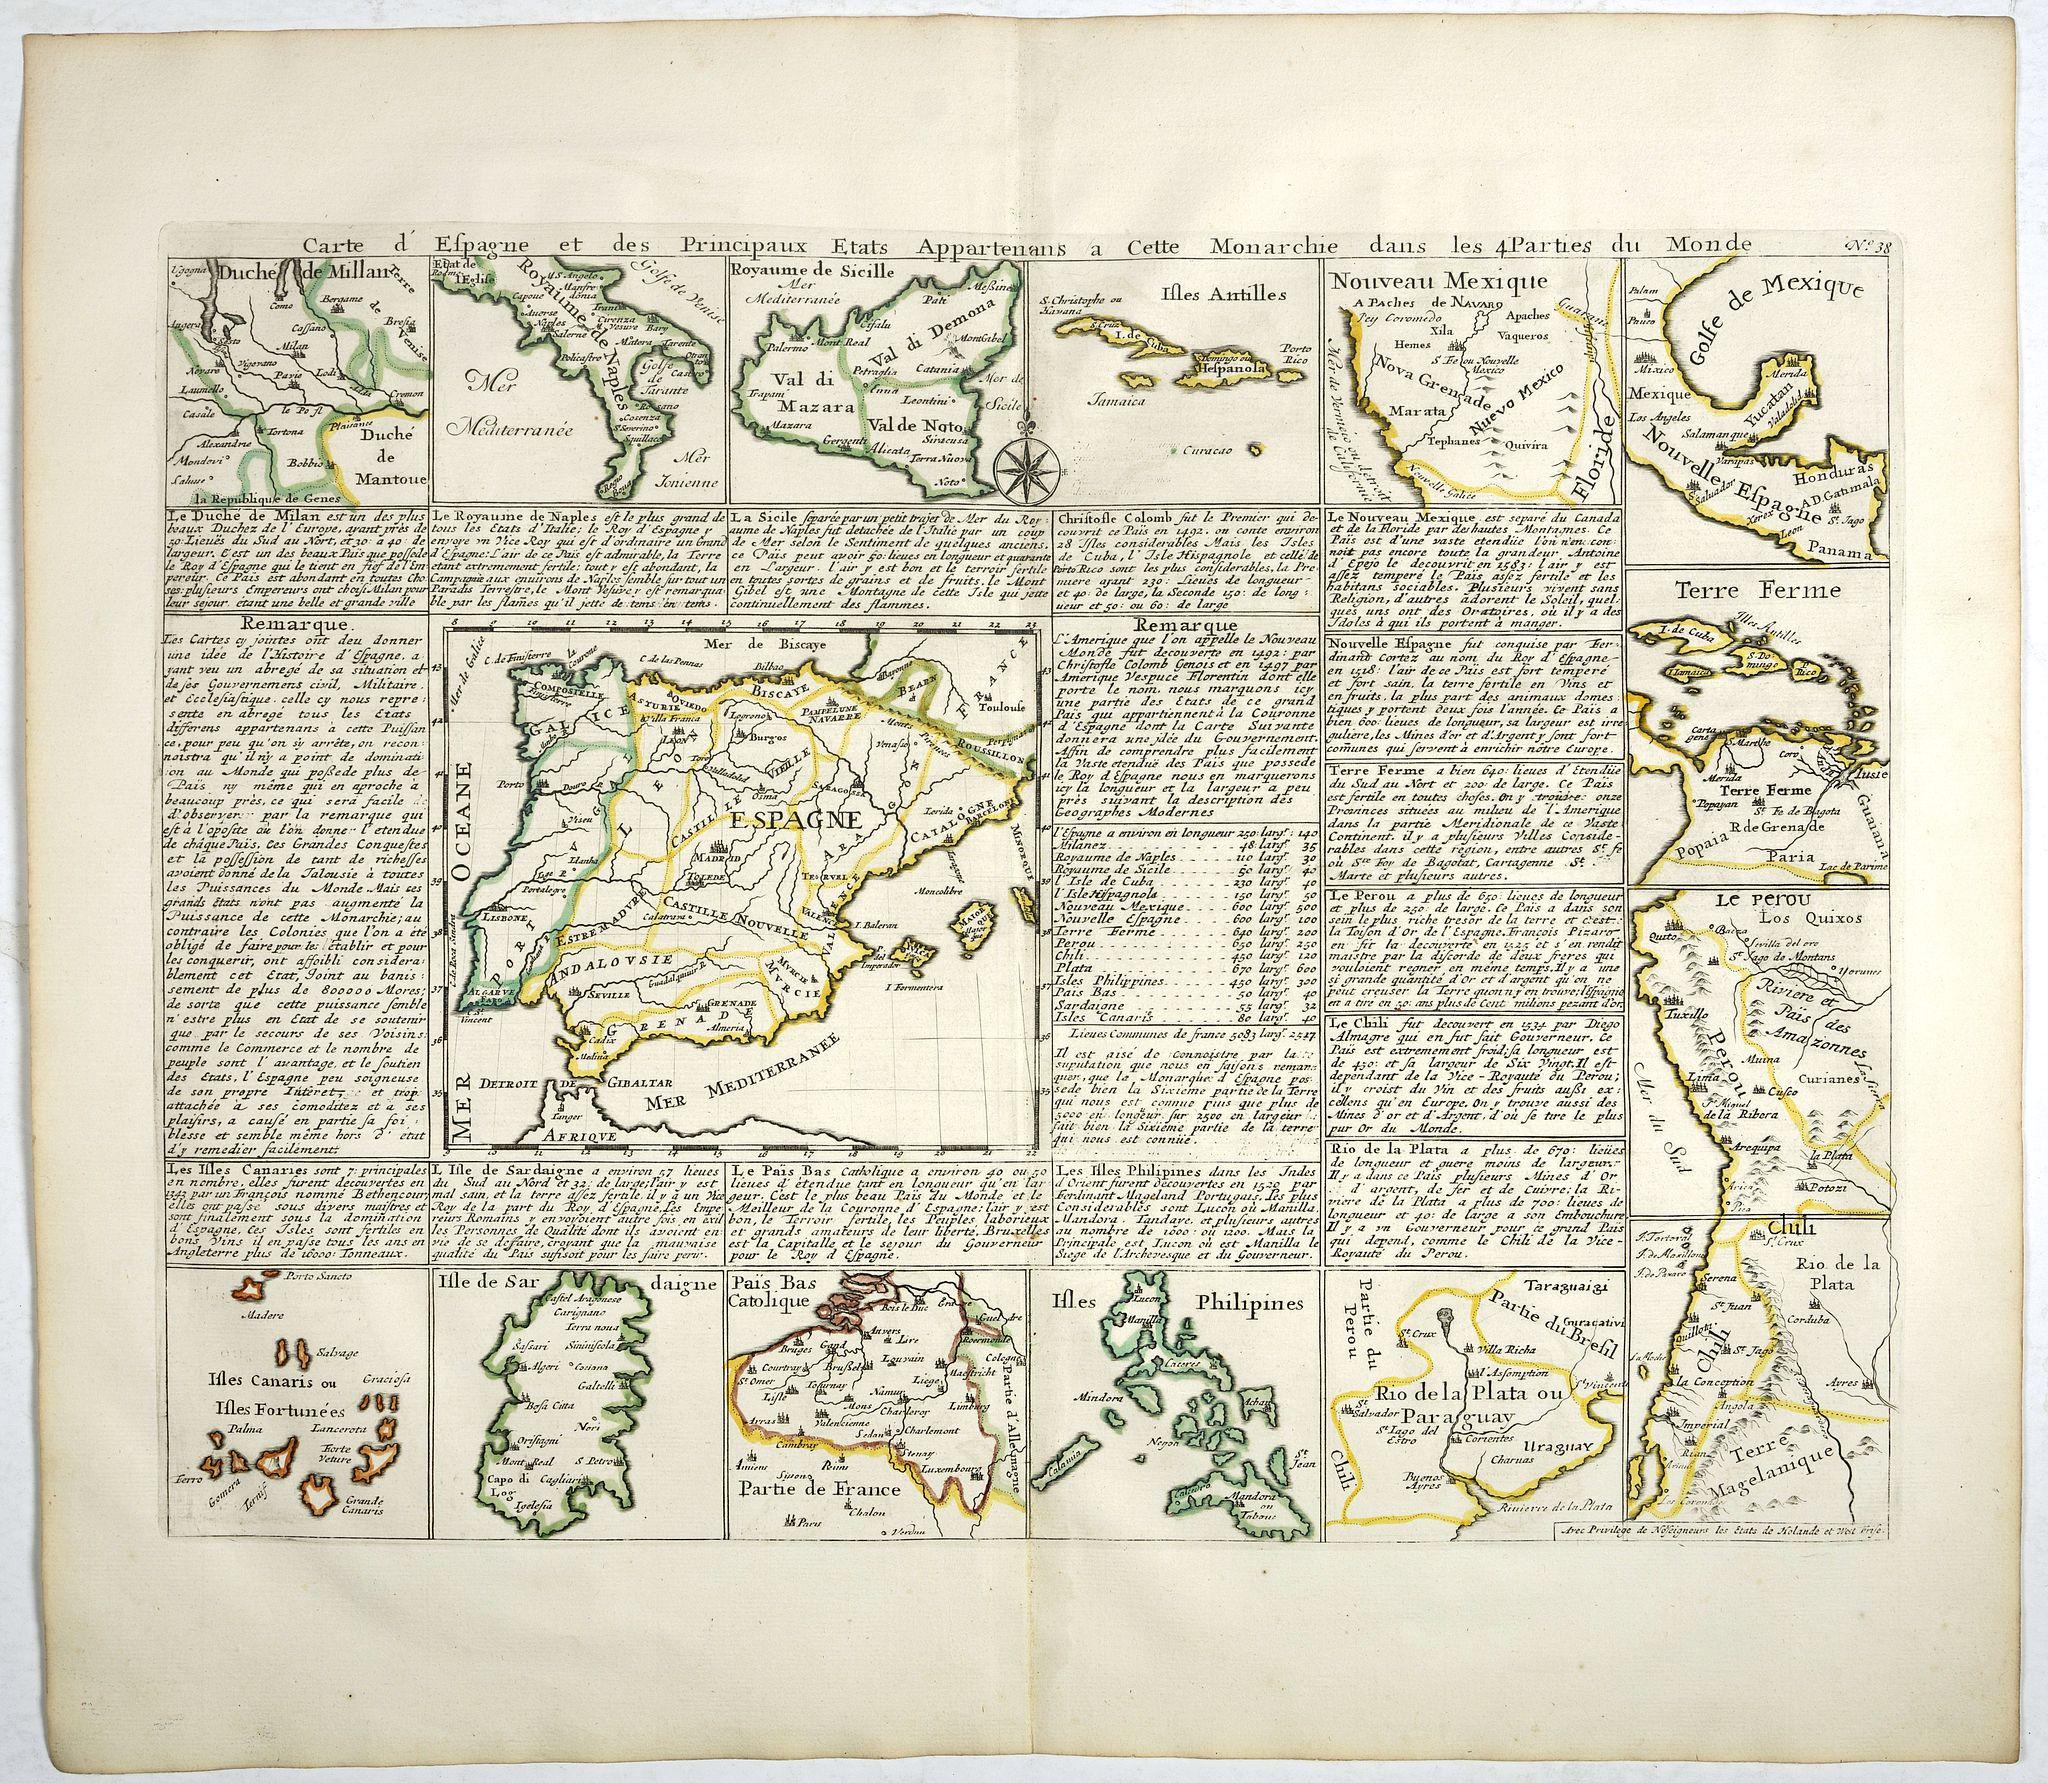 CHATELAIN, H. -  Carte d'Espagne et des Principaux Etats. . .